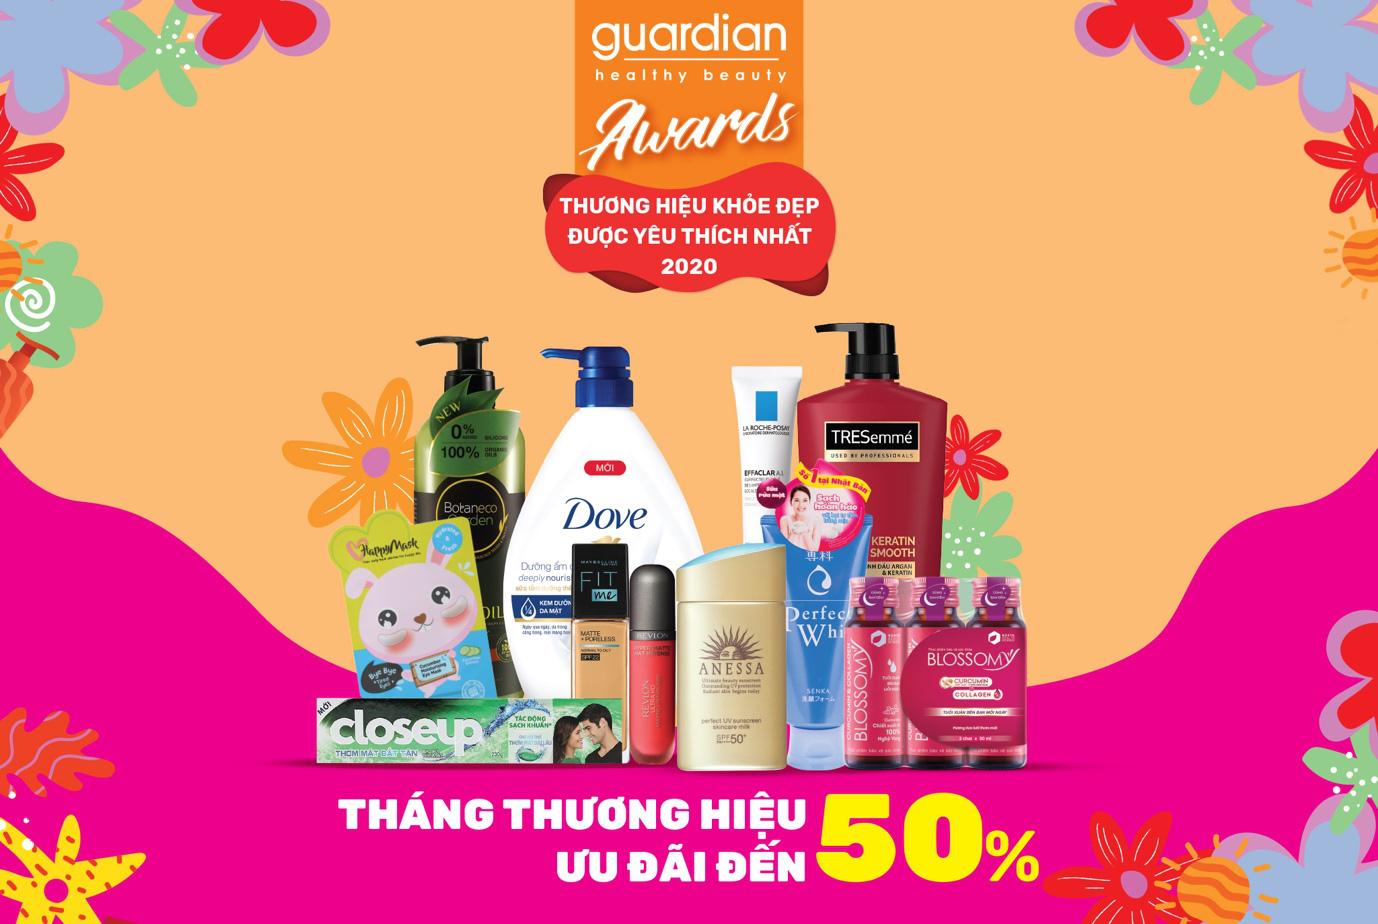 Hành trình kết nối những thương hiệu đình đám thế giới với người tiêu dùng Việt của Guardian - Ảnh 7.